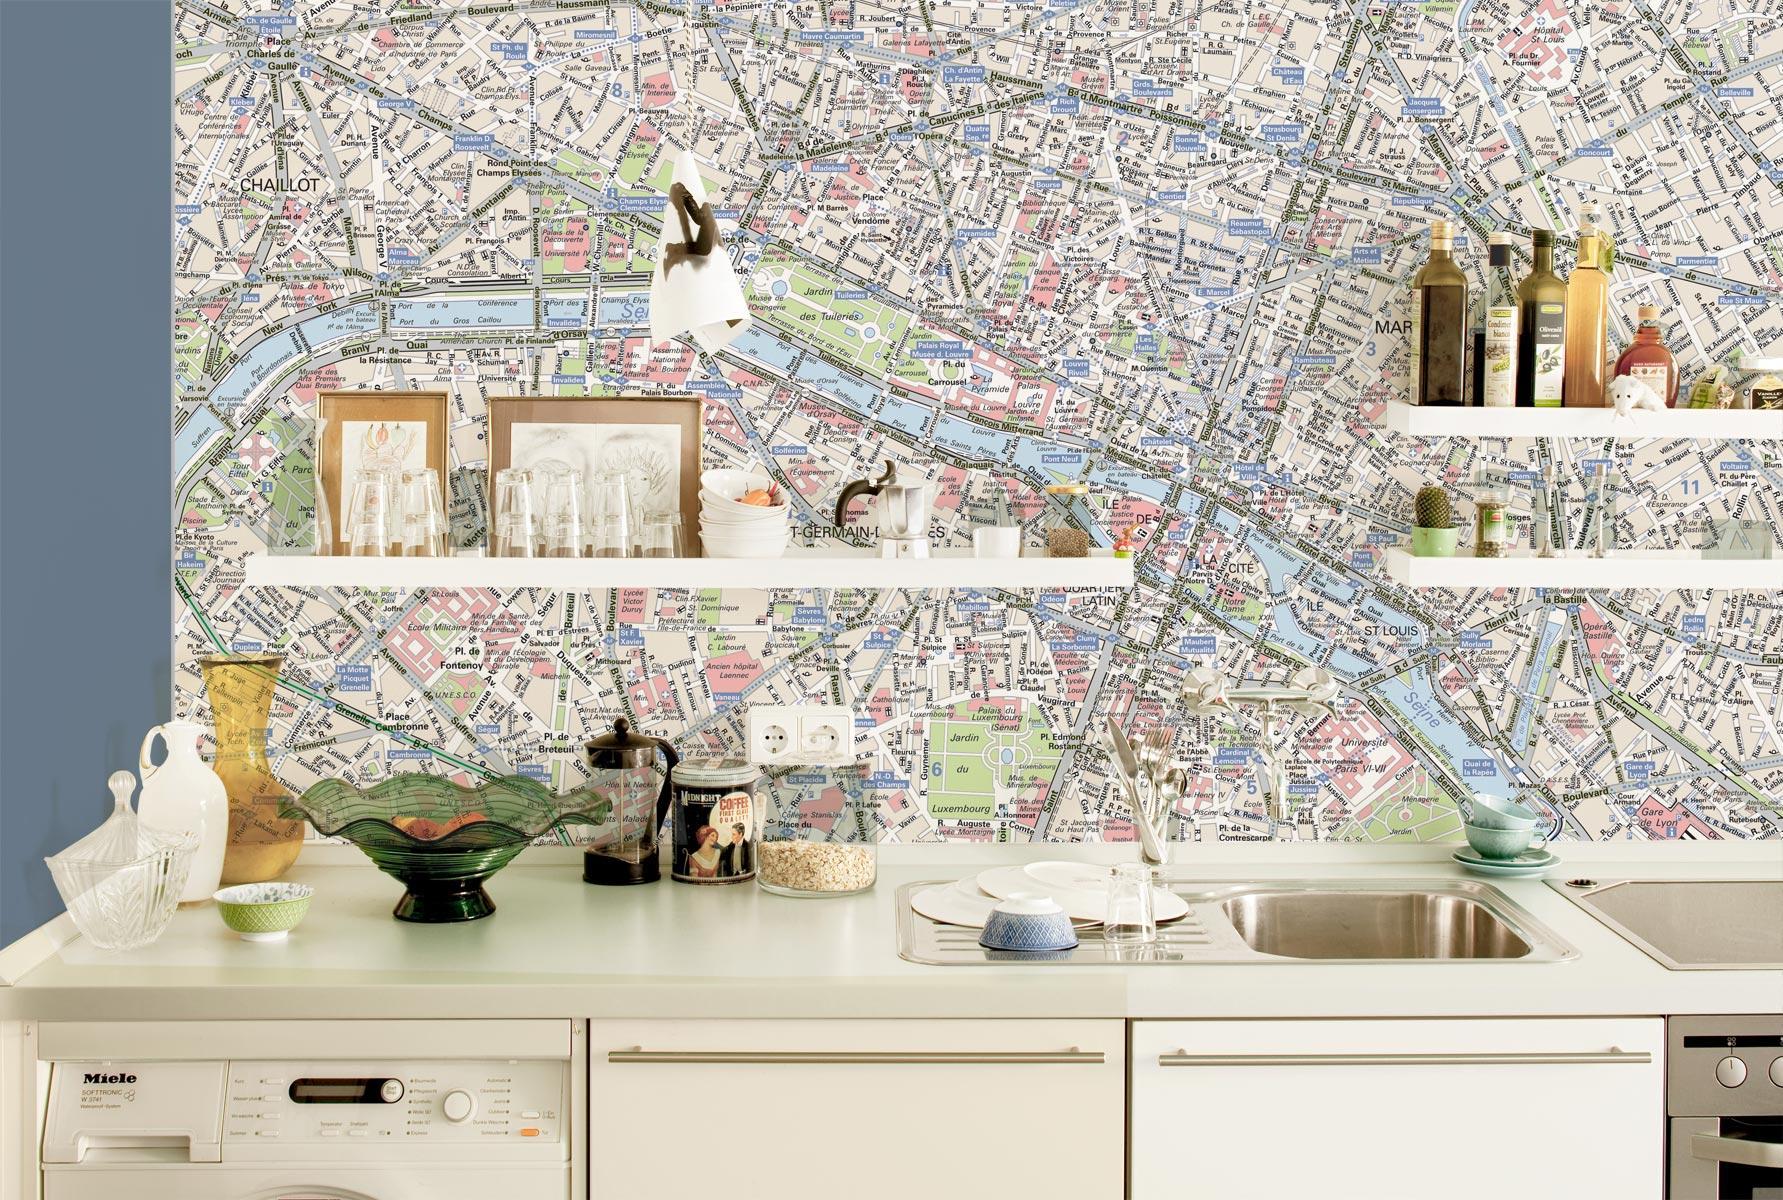 Full Size of Abwaschbare Tapeten Für Küche 3d Tapeten Für Küche Tapeten Für Küche Modern Tapeten Für Küche Kaufen Küche Tapeten Für Küche